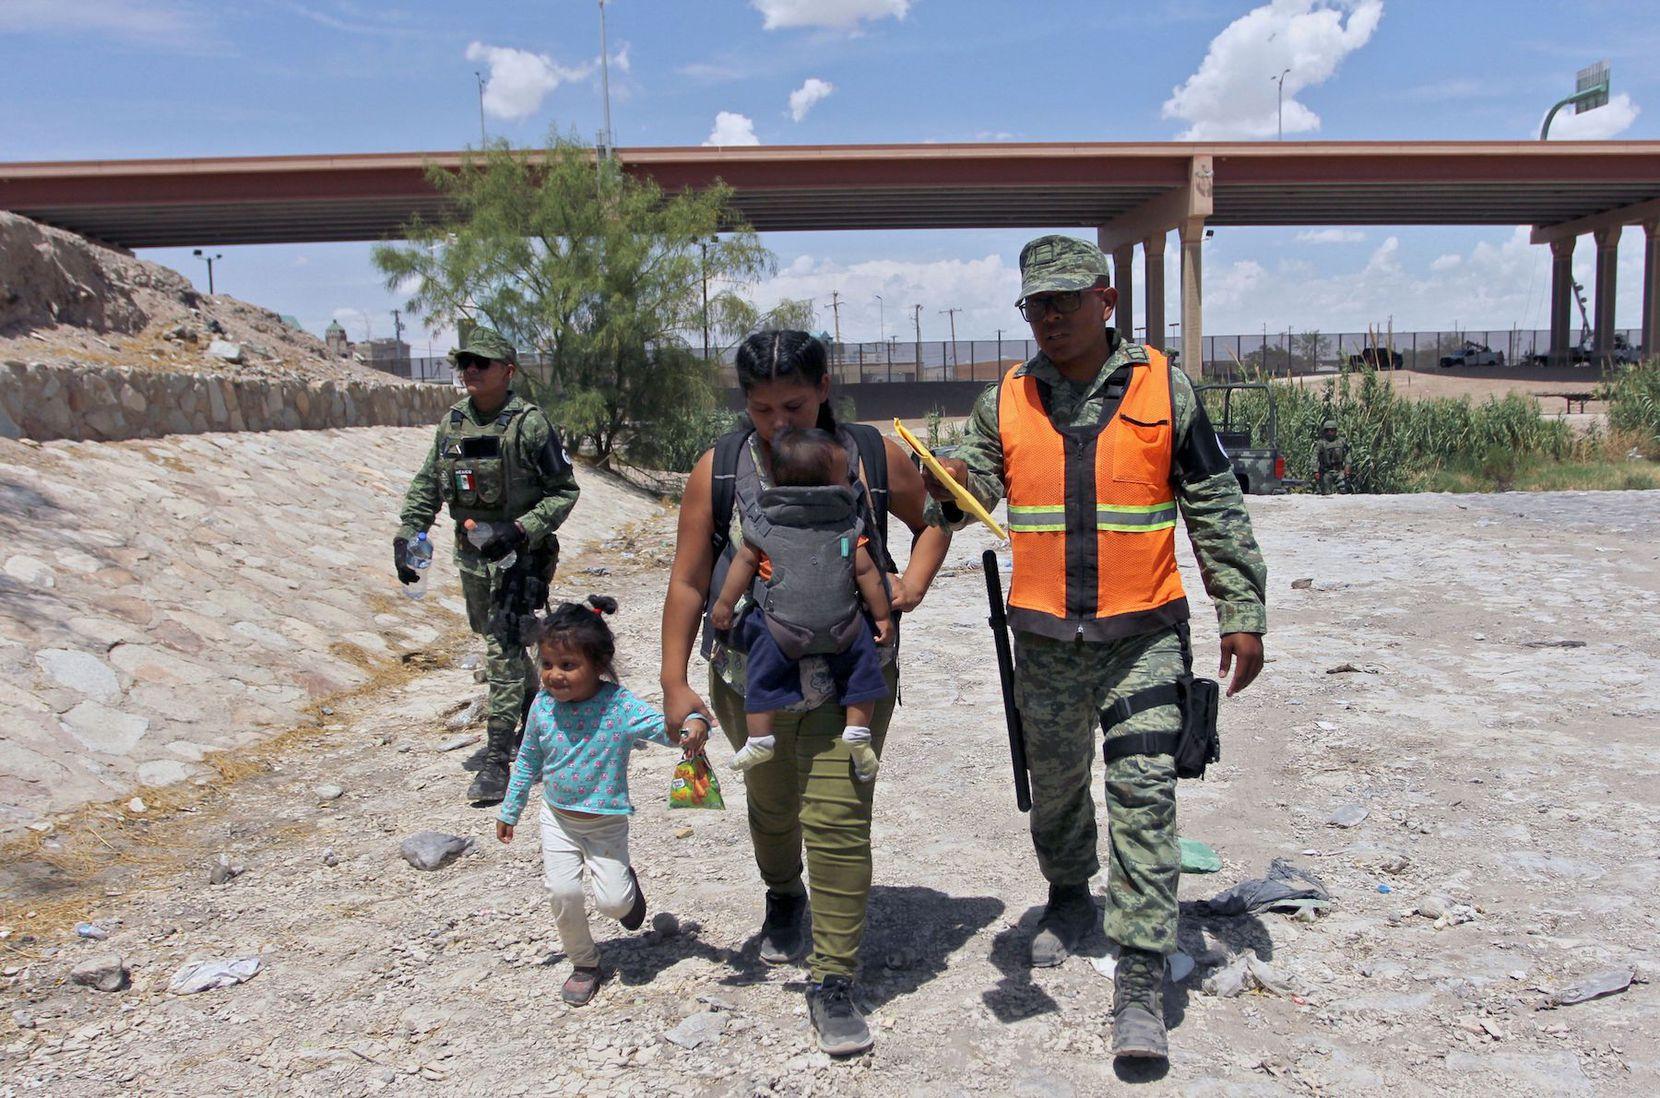 Un elemento de la Guardia Nacional de México acompaña a un mujer con dos niñas en el lado mexicano de la frontera con Estados Unidos. HERIKA MARTINEZ/AFP/Getty Images)